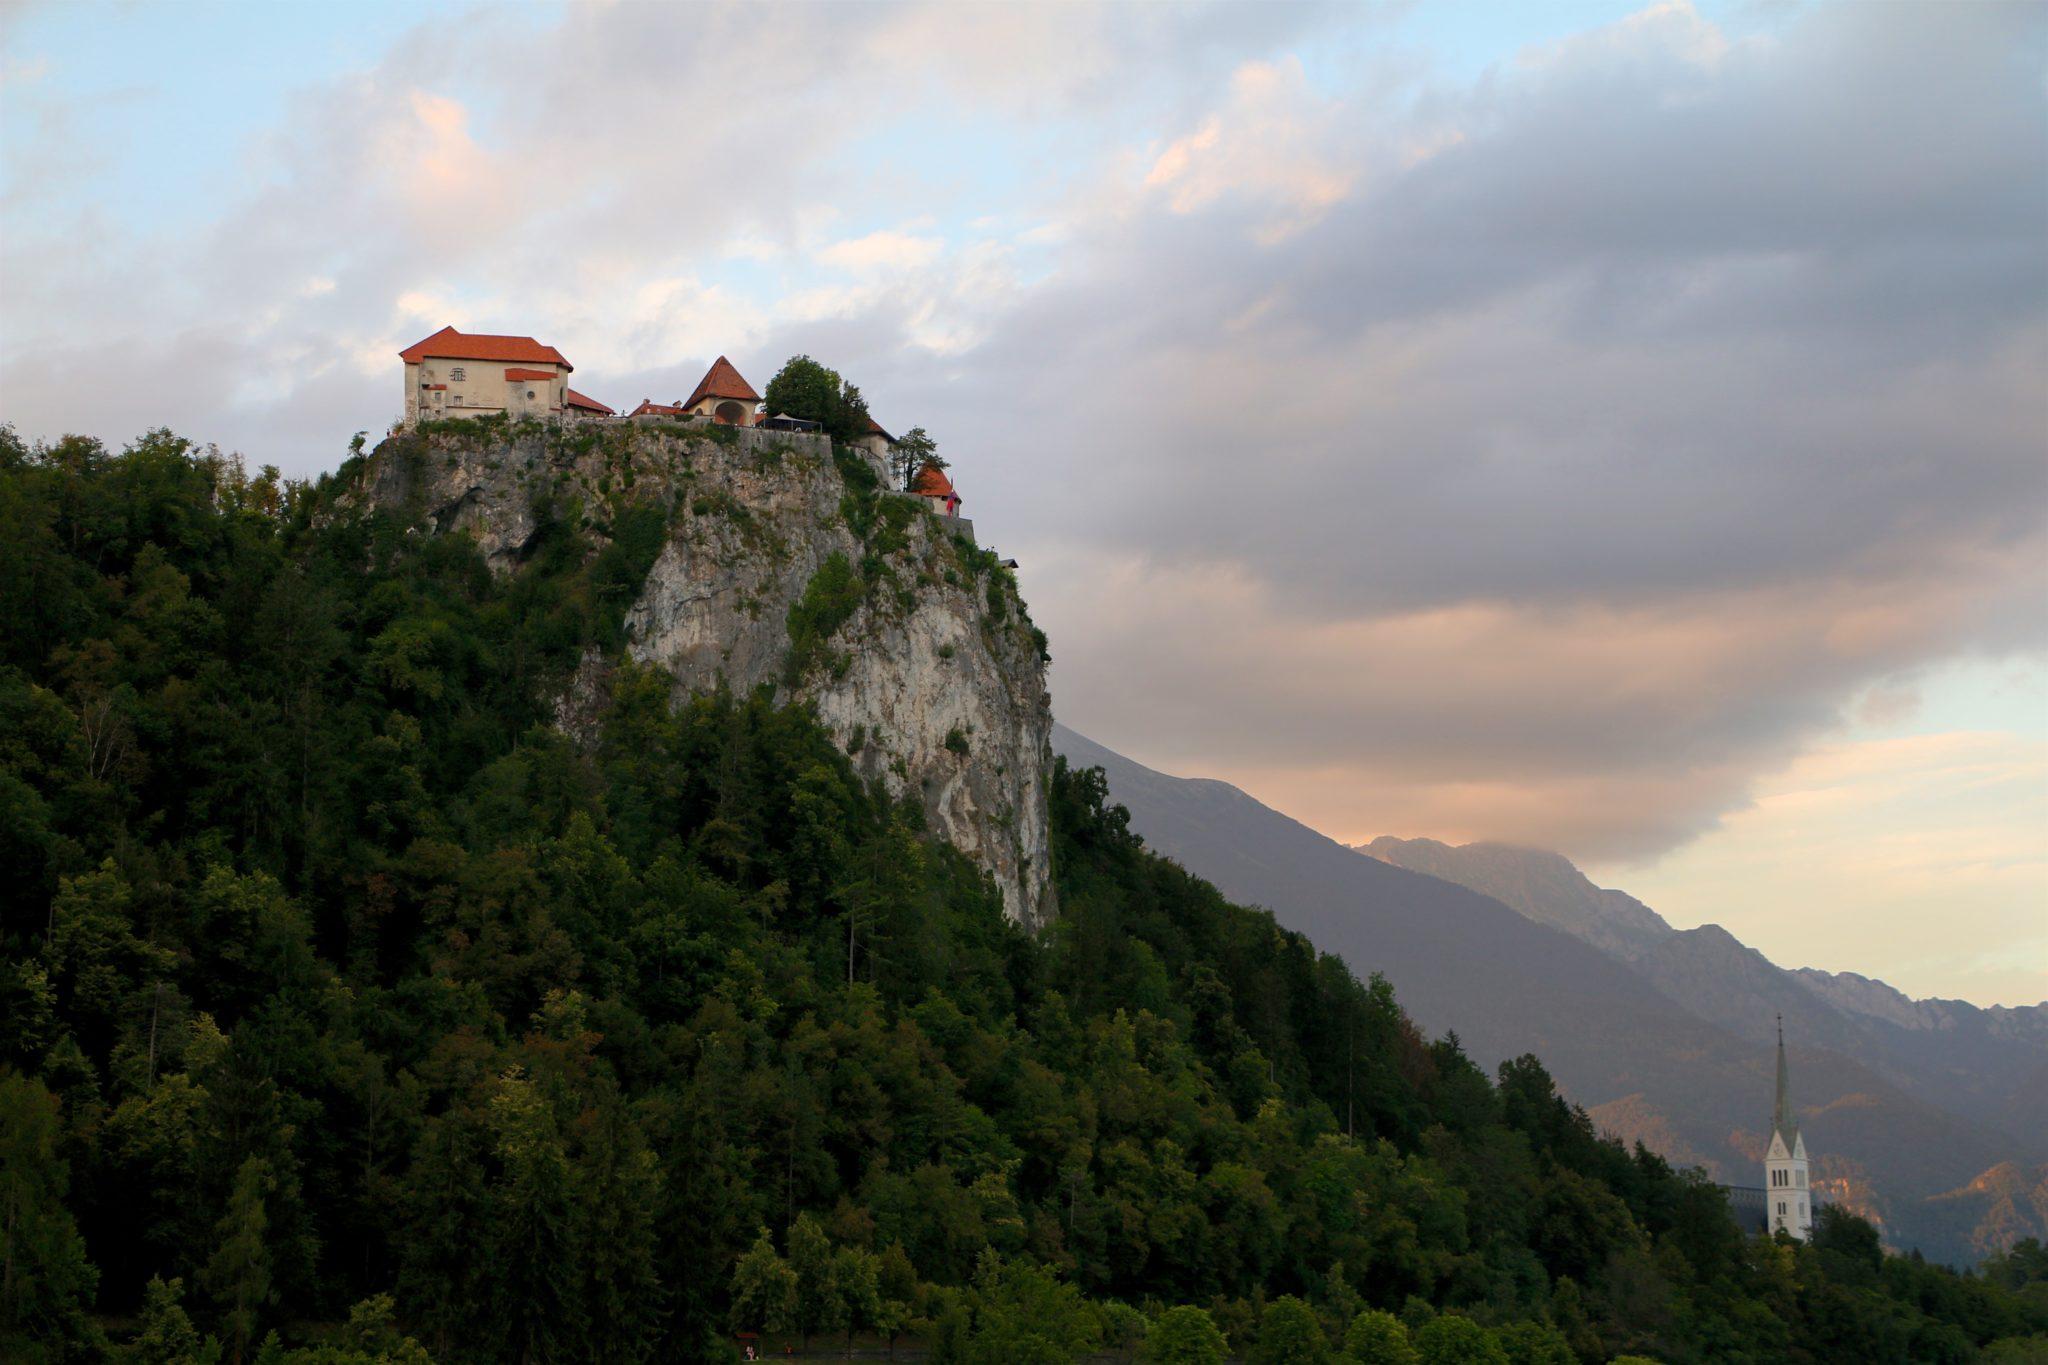 Bled, Slovenia: A European Gem